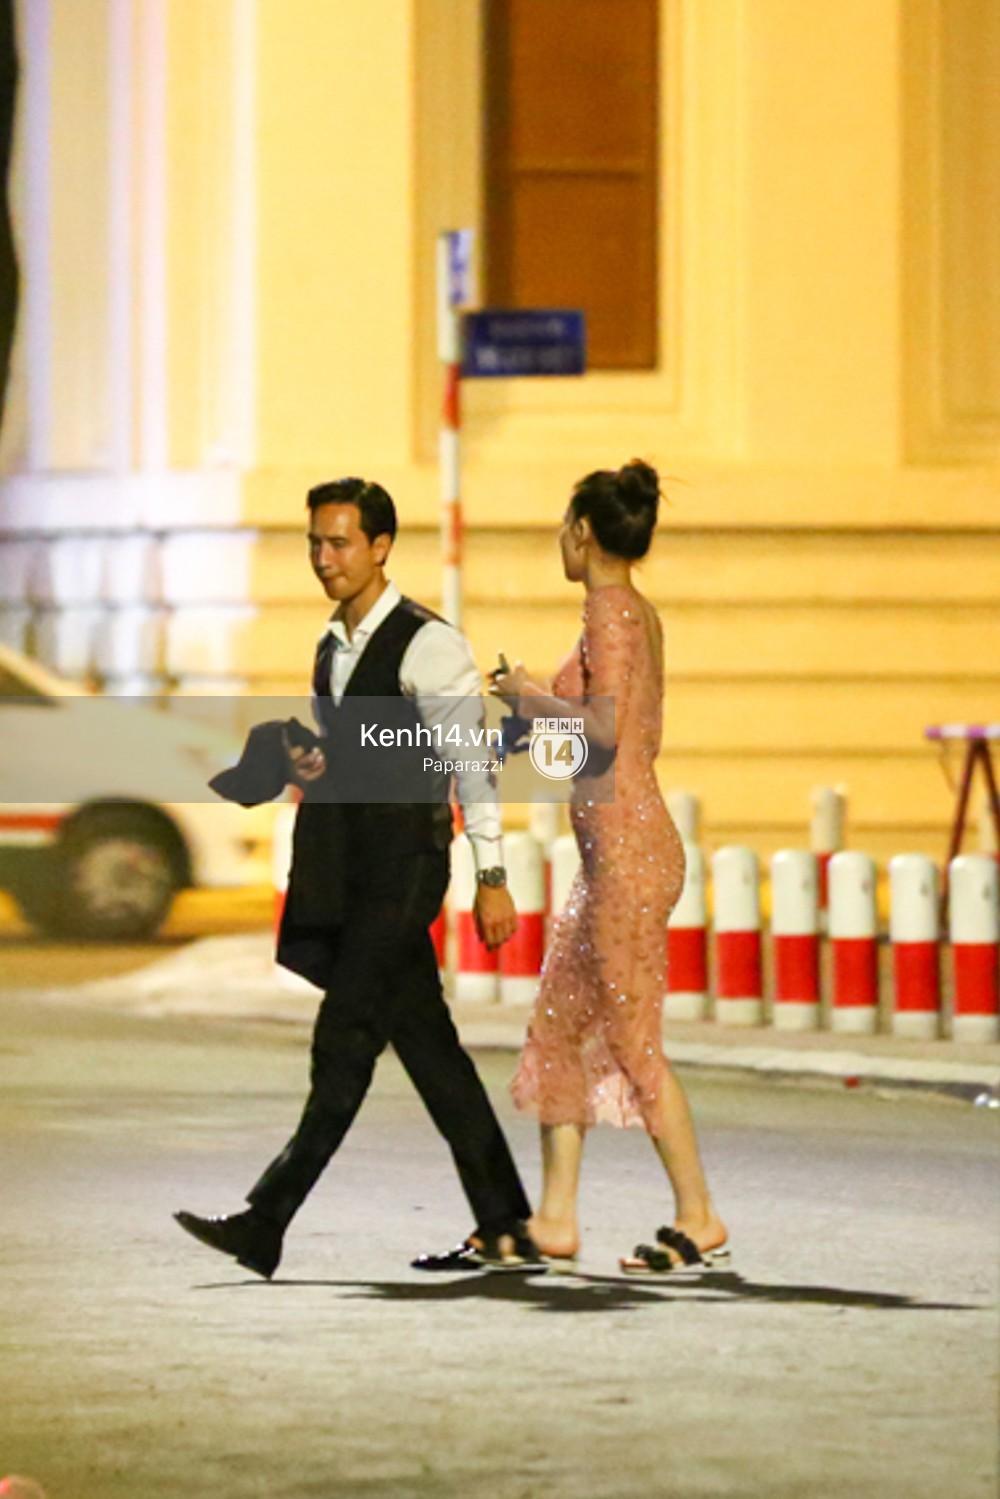 Clip: Rời sự kiện, Hà Hồ lái xe chở Kim Lý vượt đèn đỏ lúc nửa đêm - Ảnh 13.